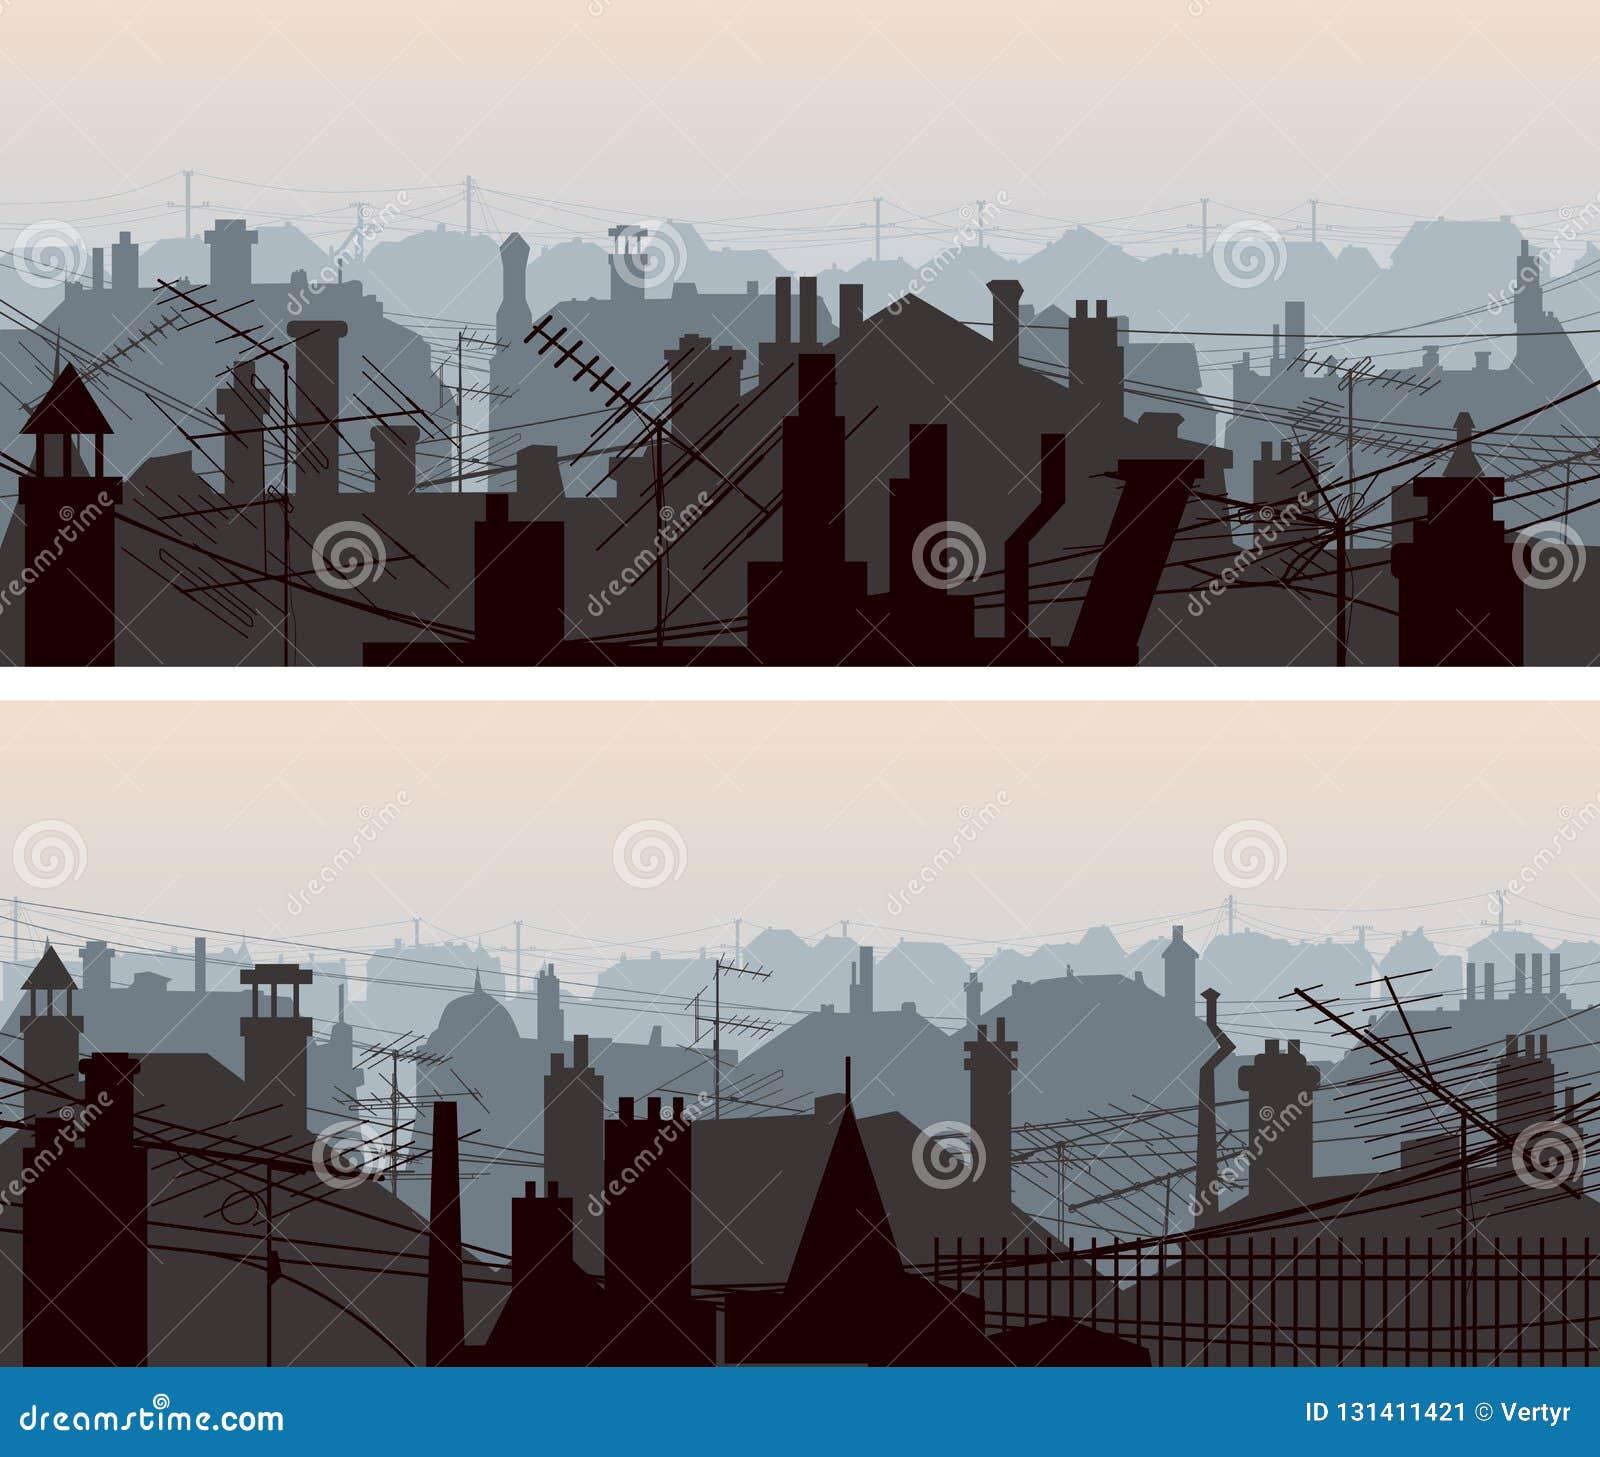 Οριζόντια εμβλήματα των στο κέντρο της πόλης στεγών με τις κεραίες και την καπνοδόχο